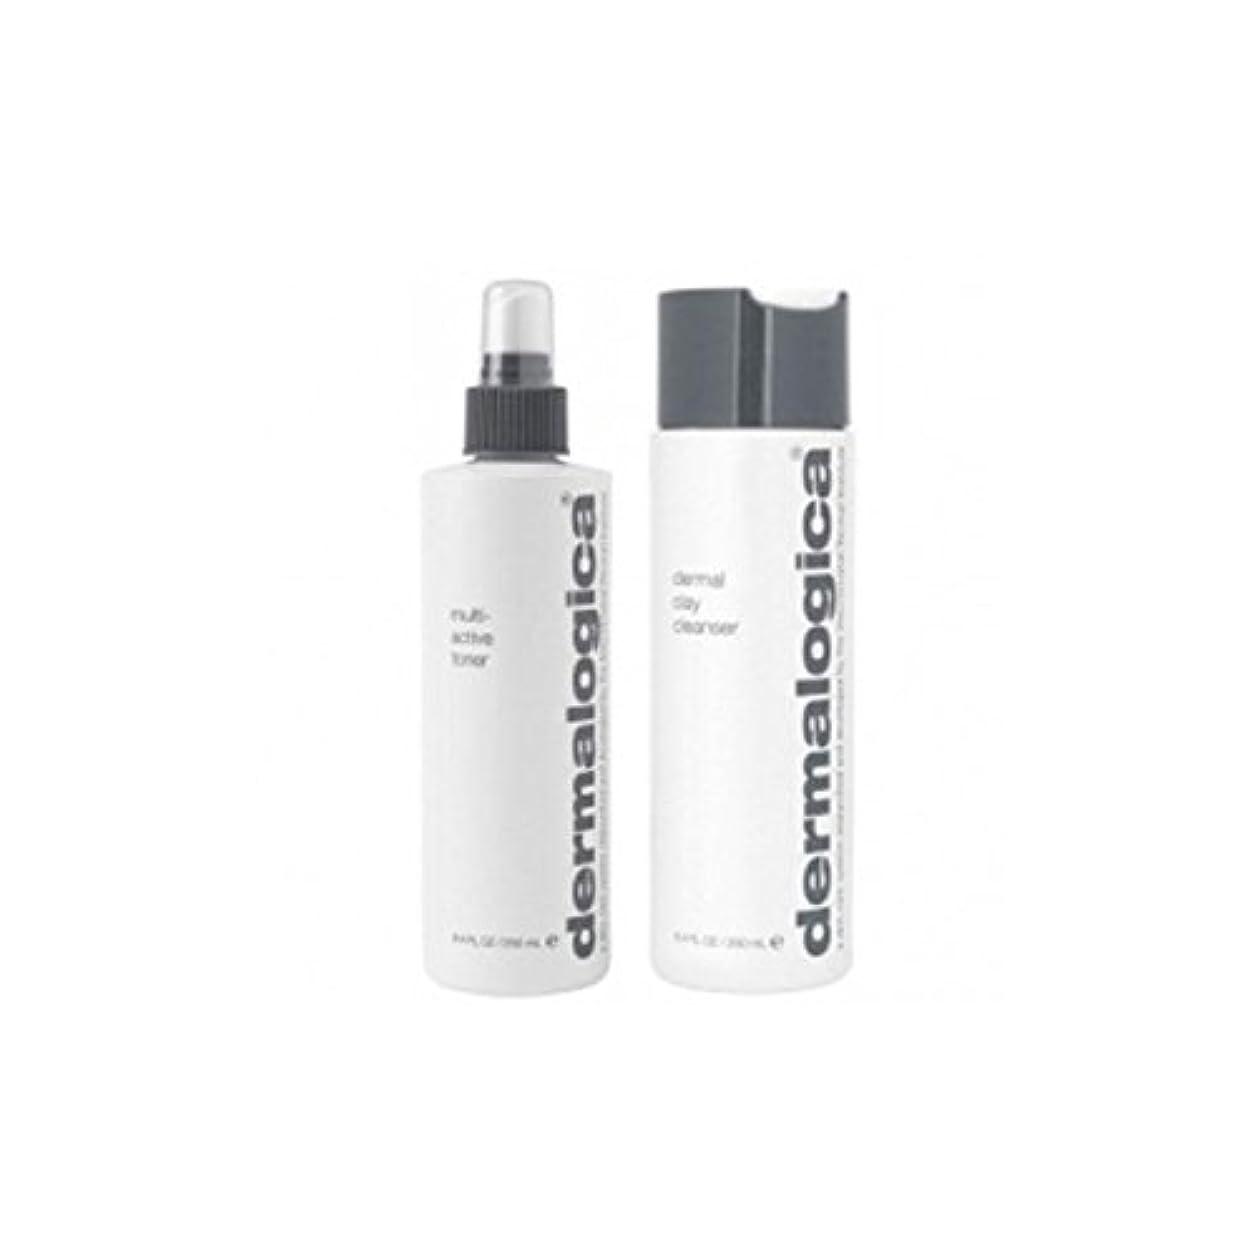 黄ばむ資本フラグラントダーマロジカクレンジング&トーンデュオ - 脂性肌(2製品) x2 - Dermalogica Cleanse & Tone Duo - Oily Skin (2 Products) (Pack of 2) [並行輸入品]